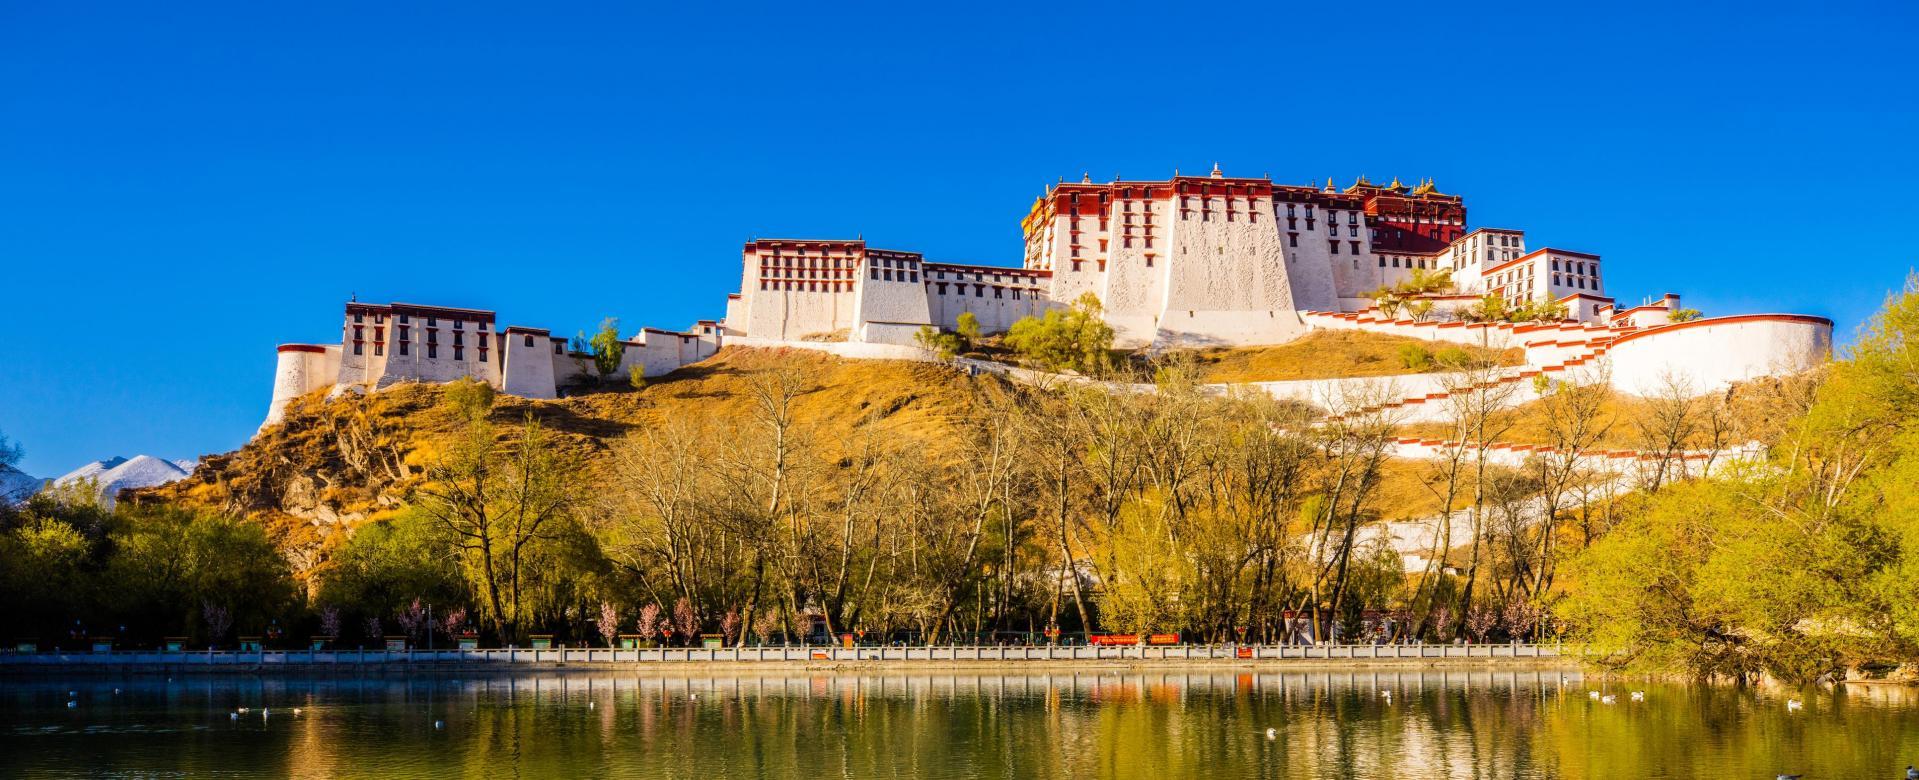 Voyage en véhicule : Le tibet à vélo, de lhassa au pied de l'everest